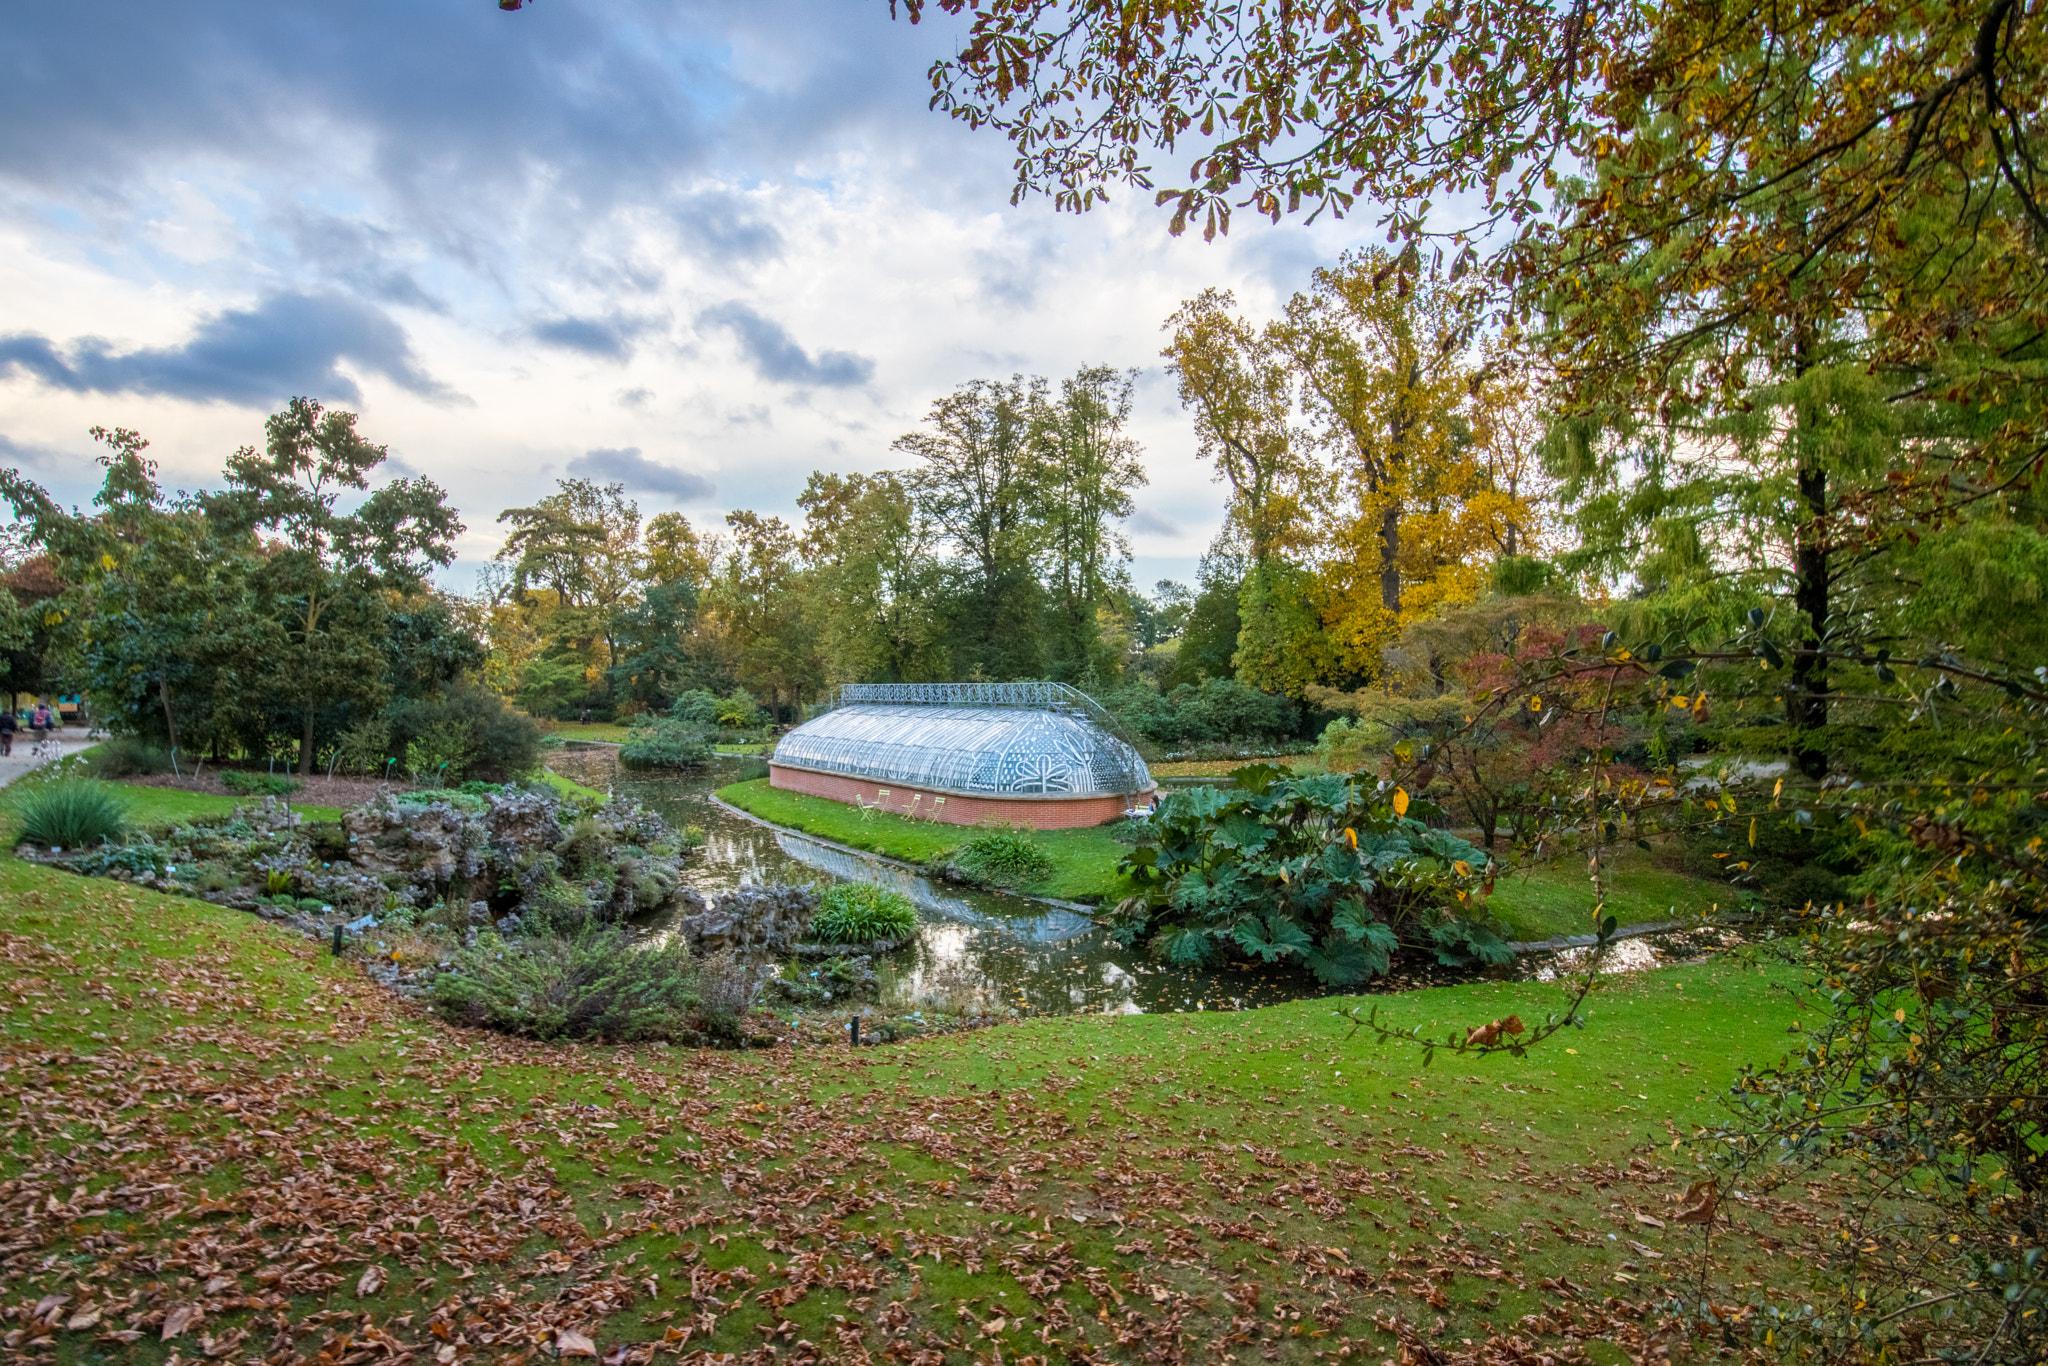 Jardin Botanique Nantes Luxe File Jardin Des Plantes De Nantes Of 84 Nouveau Jardin Botanique Nantes